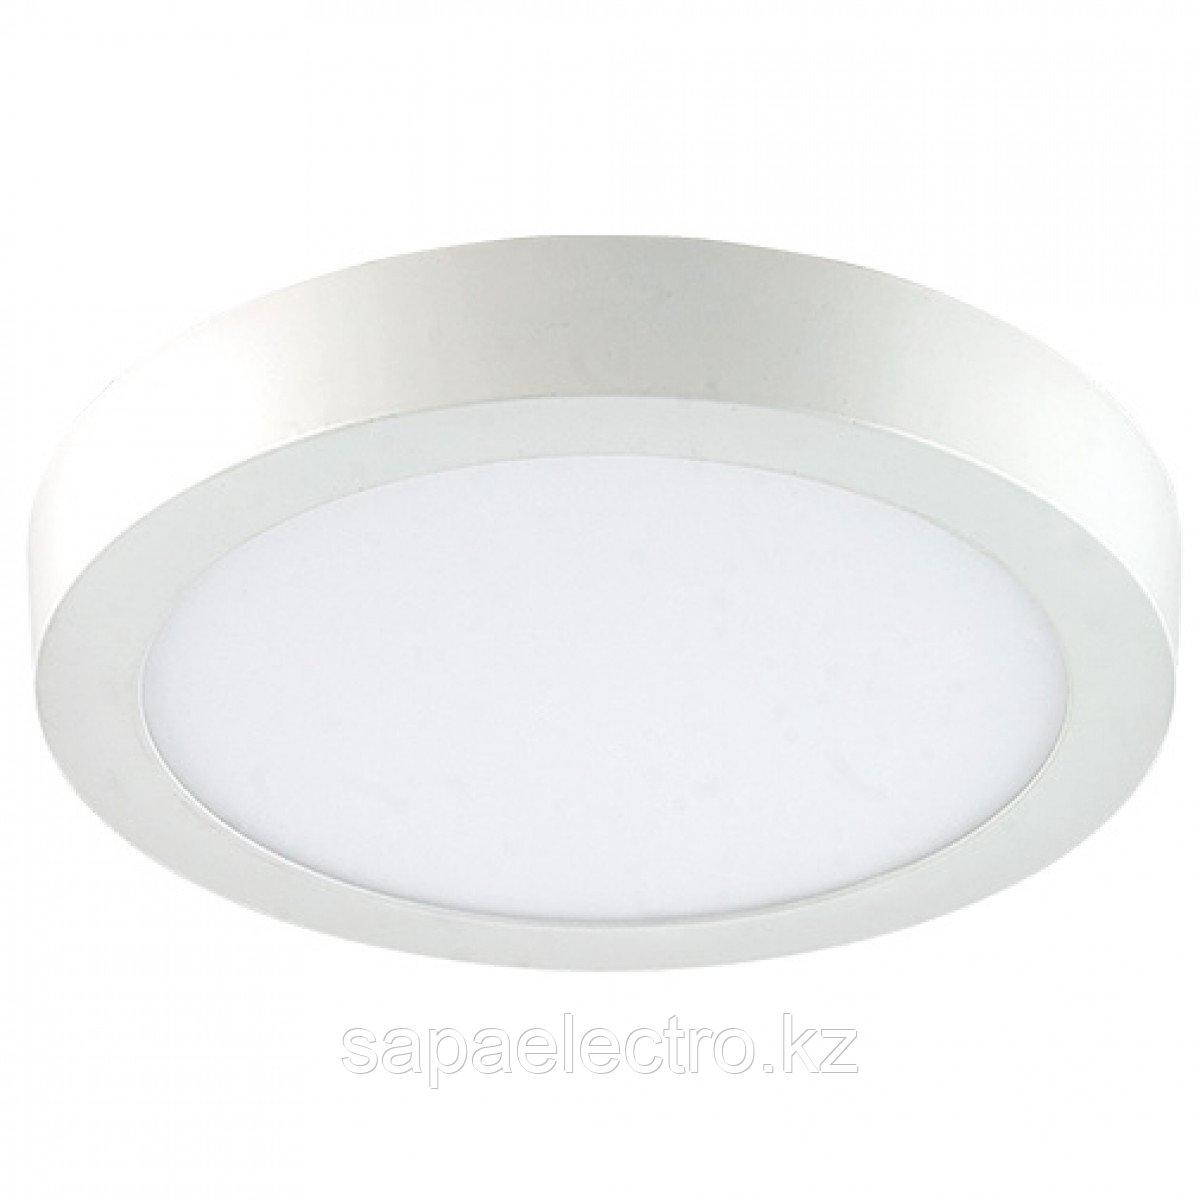 Свет-к ROUND PJMYMB005 18W LED 6000K (TEKSAN) 32шт